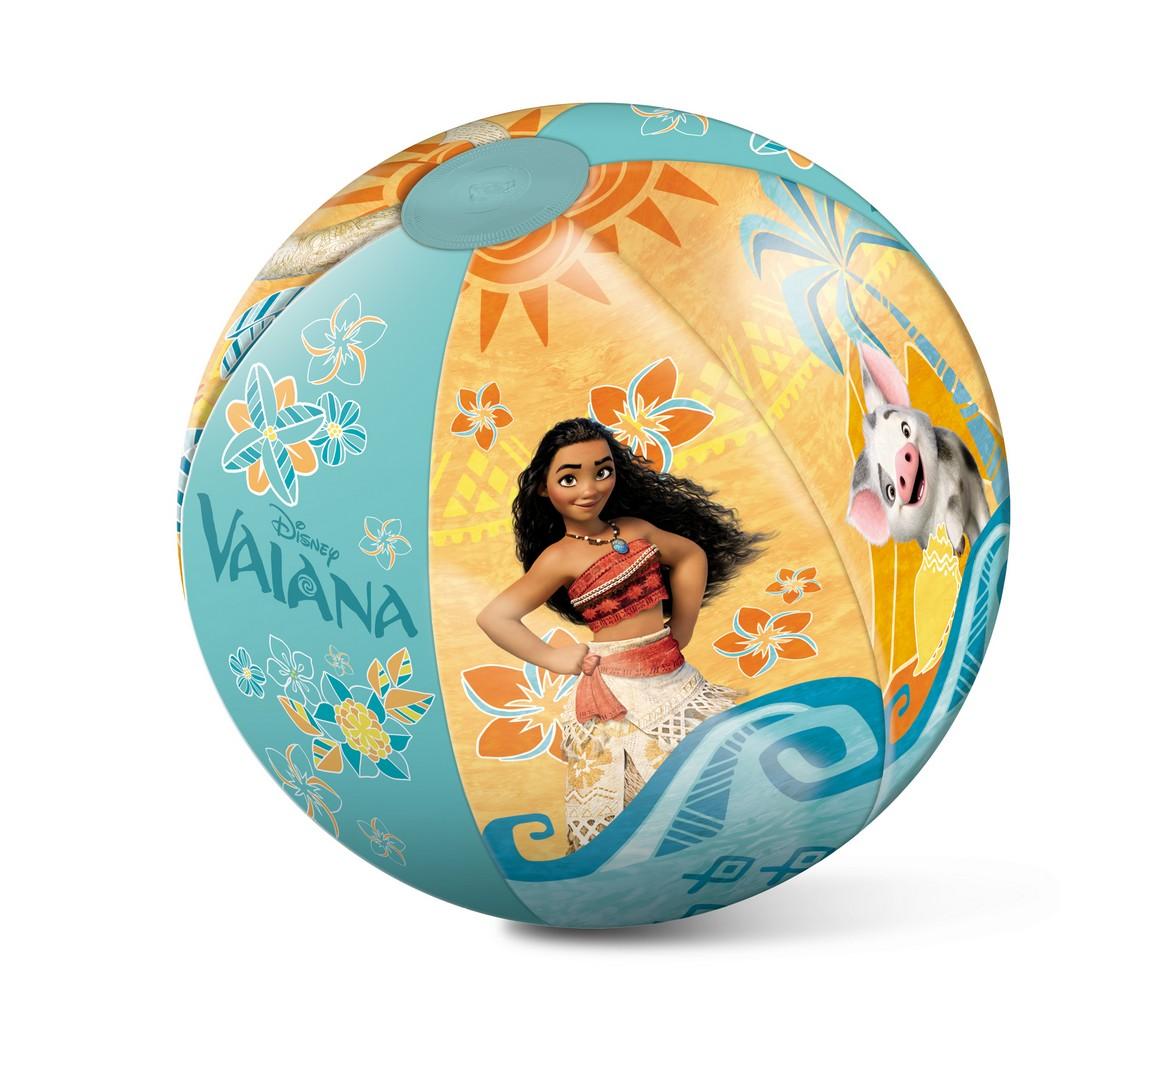 nafukovací míč Vaiana 50 cm